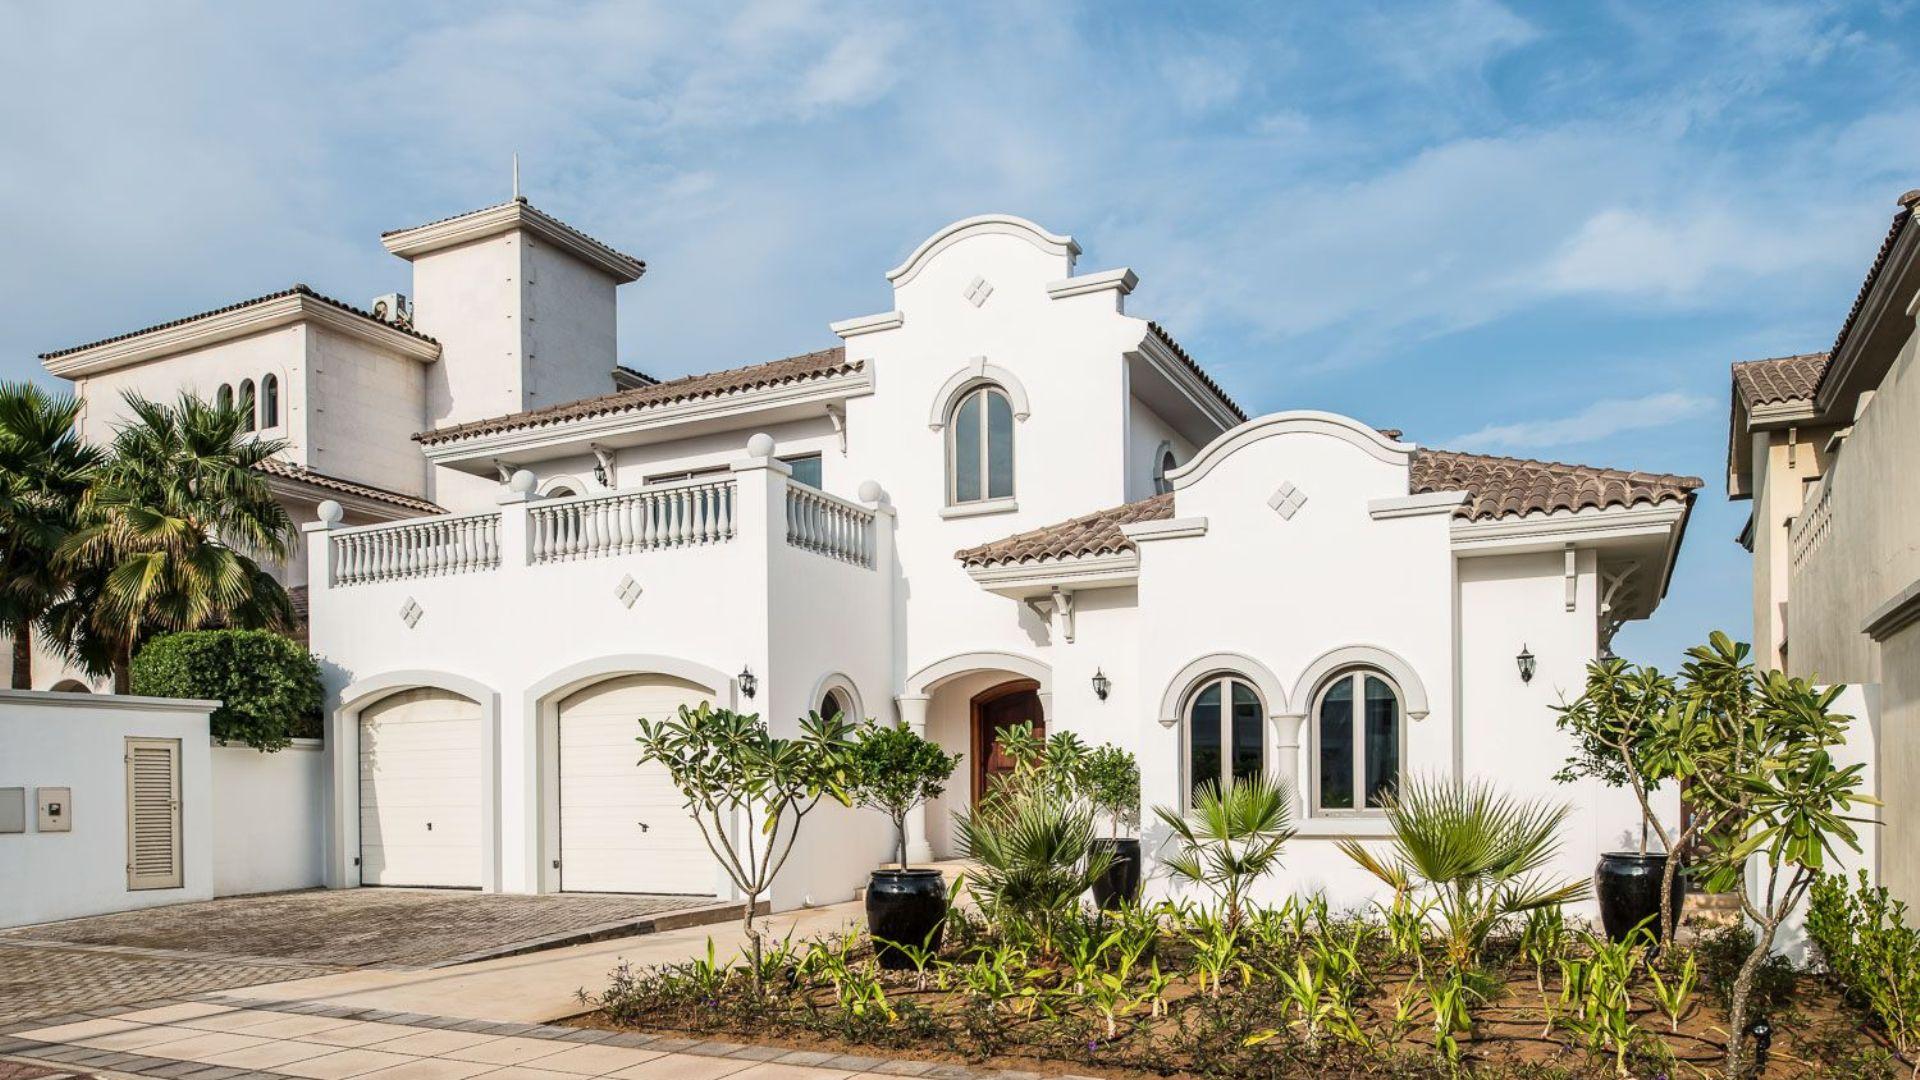 Villa en venta en Dubai, EAU, 6 dormitorios, 1161 m2, № 24359 – foto 1